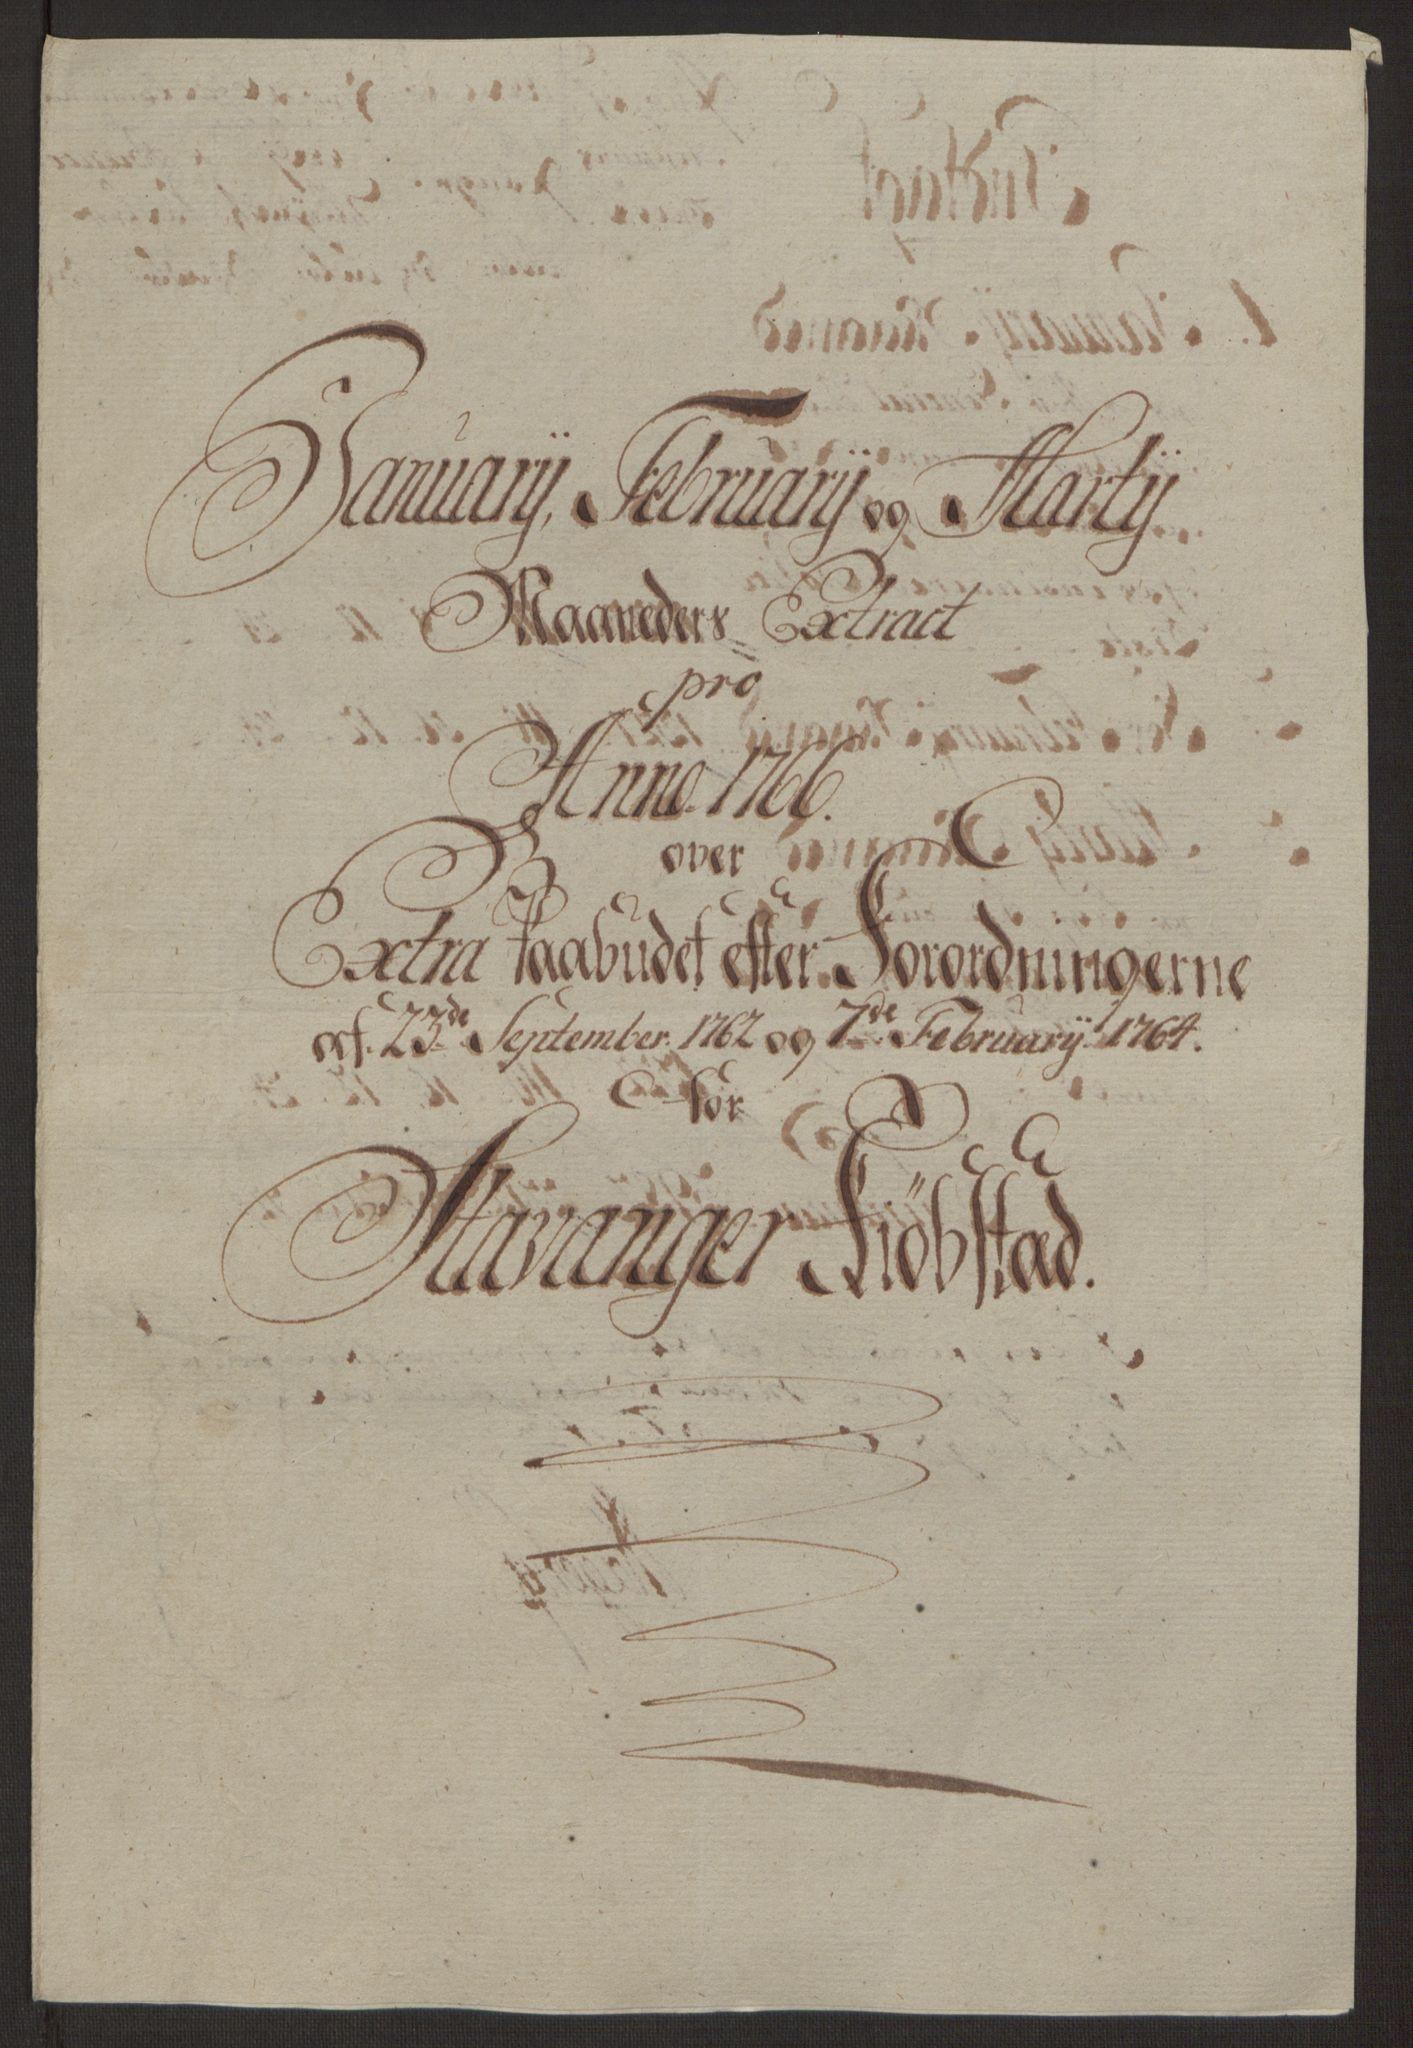 RA, Rentekammeret inntil 1814, Reviderte regnskaper, Byregnskaper, R/Ro/L0305: [O6] Kontribusjonsregnskap, 1762-1768, s. 181